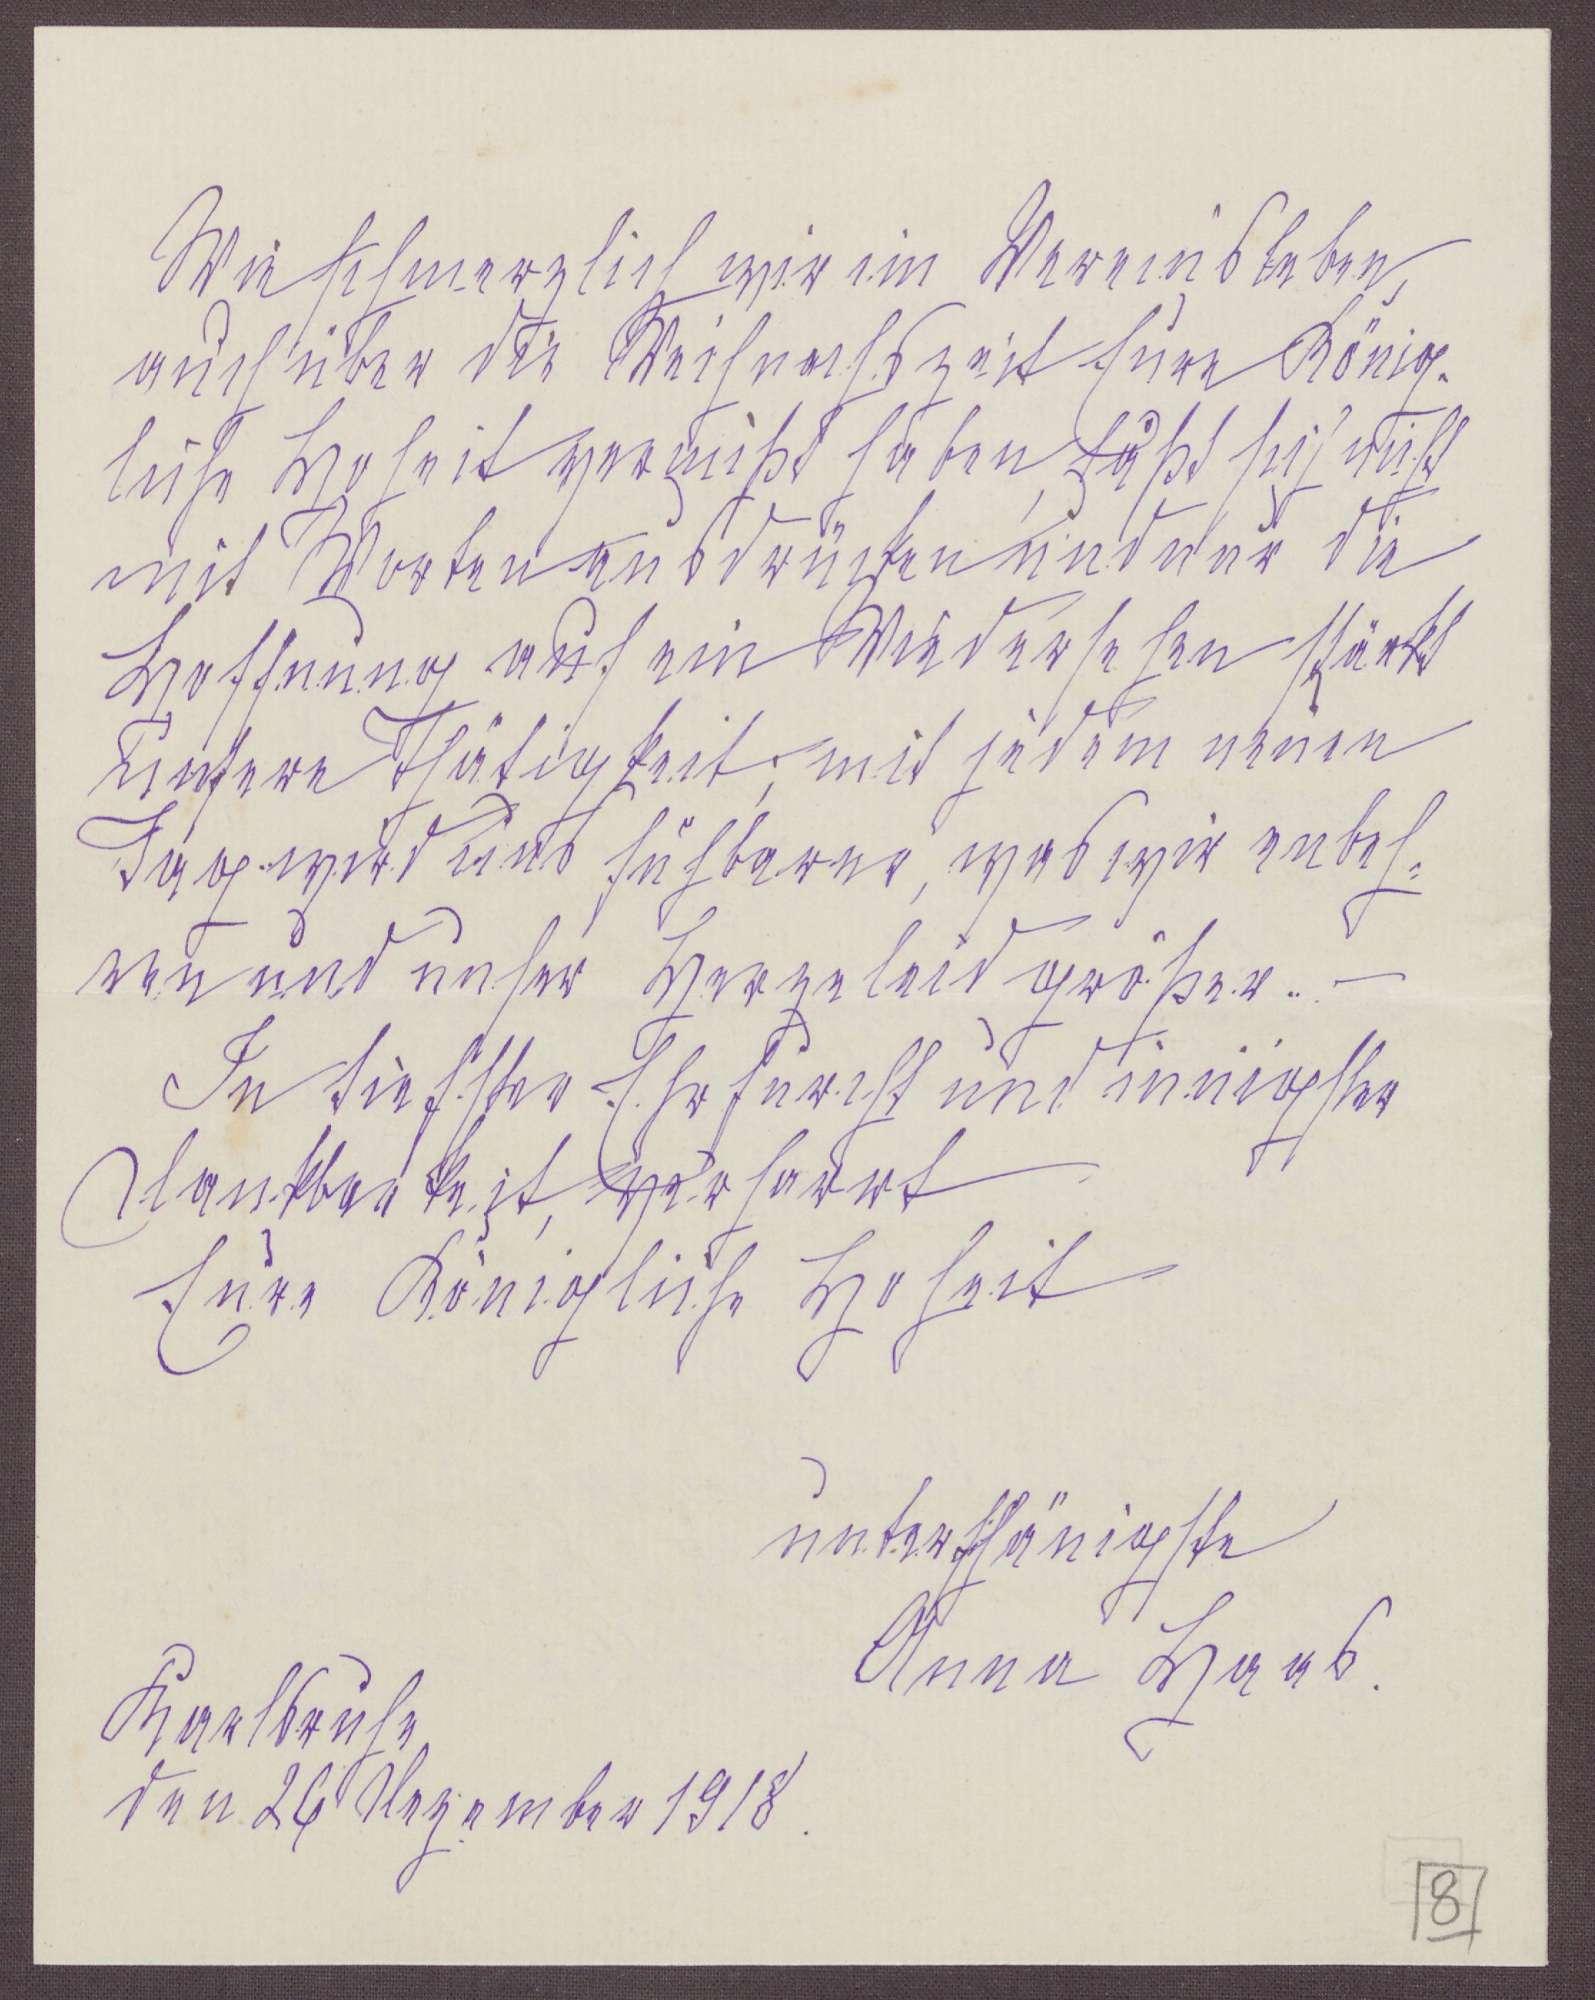 Schreiben von Anna Haas an die Großherzogin Luise; Dank für das Weihnachtsgeschenk und Hoffen auf eine baldige Gesundung der Großherzogin, Bild 3